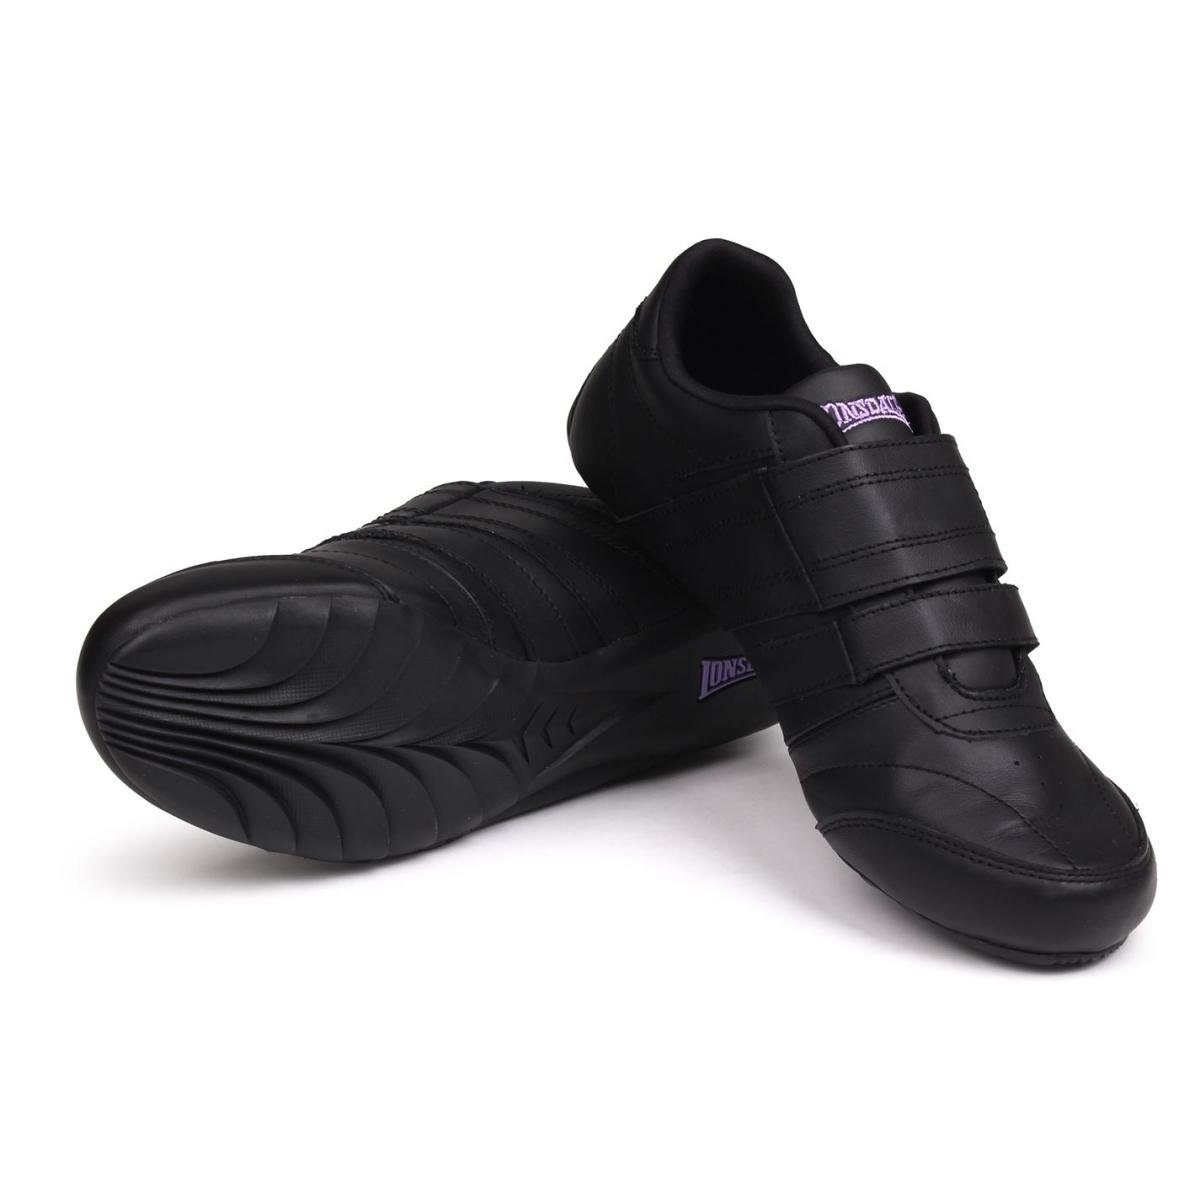 Lonsdale-Turnschuhe-Damen-Sneaker-Sportschuhe-Laufschuhe-5430 Indexbild 5